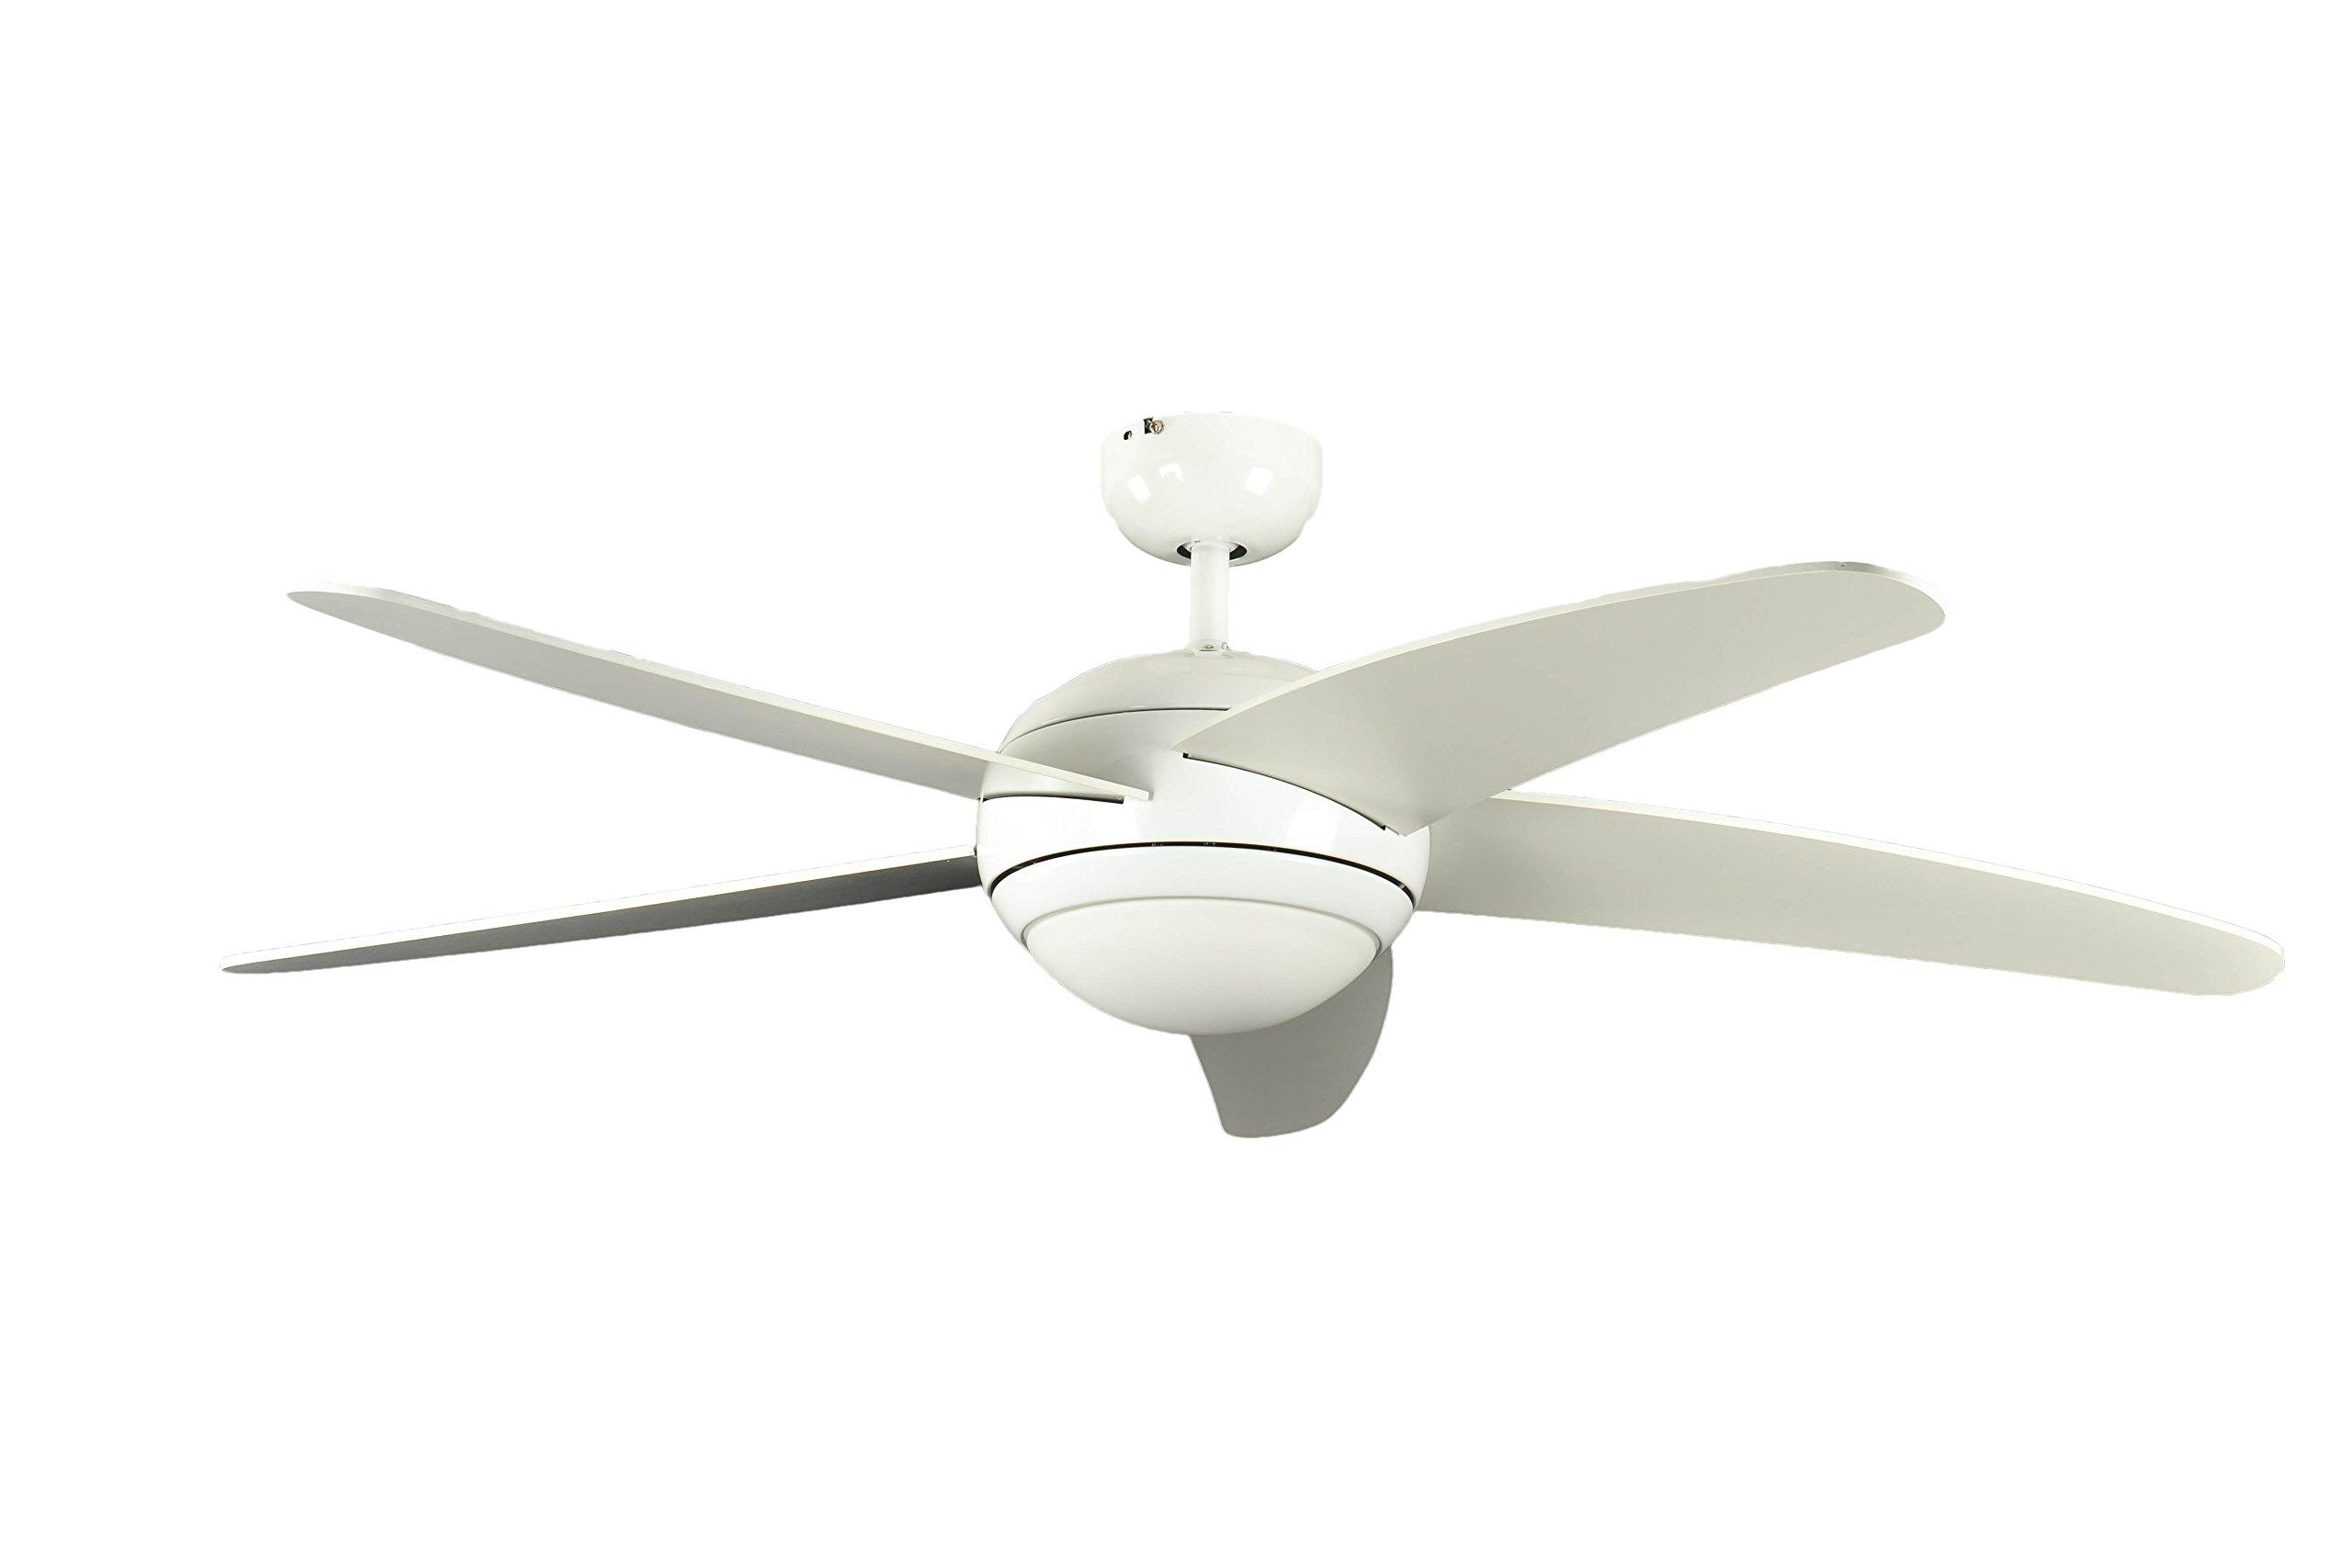 Ventilateur de plafond Réversible Melton Blanc 132 cm avec Eclairage et Télécommande, Pâles Blanc product image